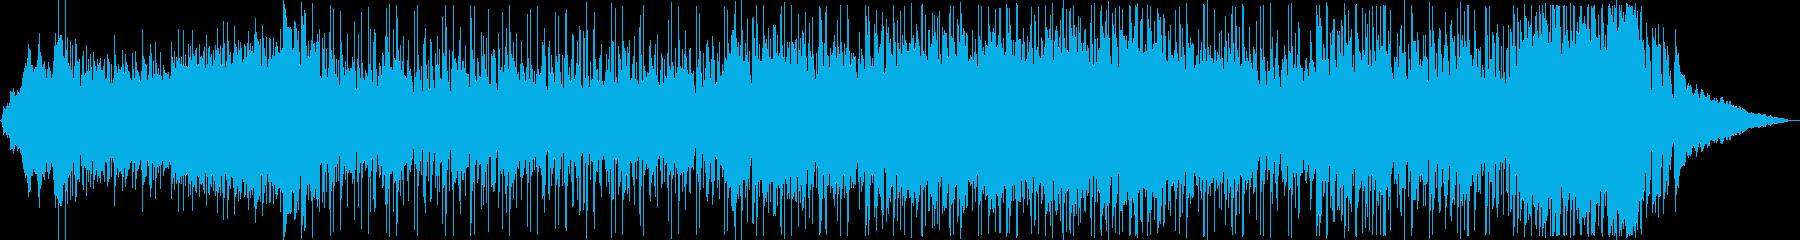 近未来的で疾走感のあるピアノテクノポップの再生済みの波形